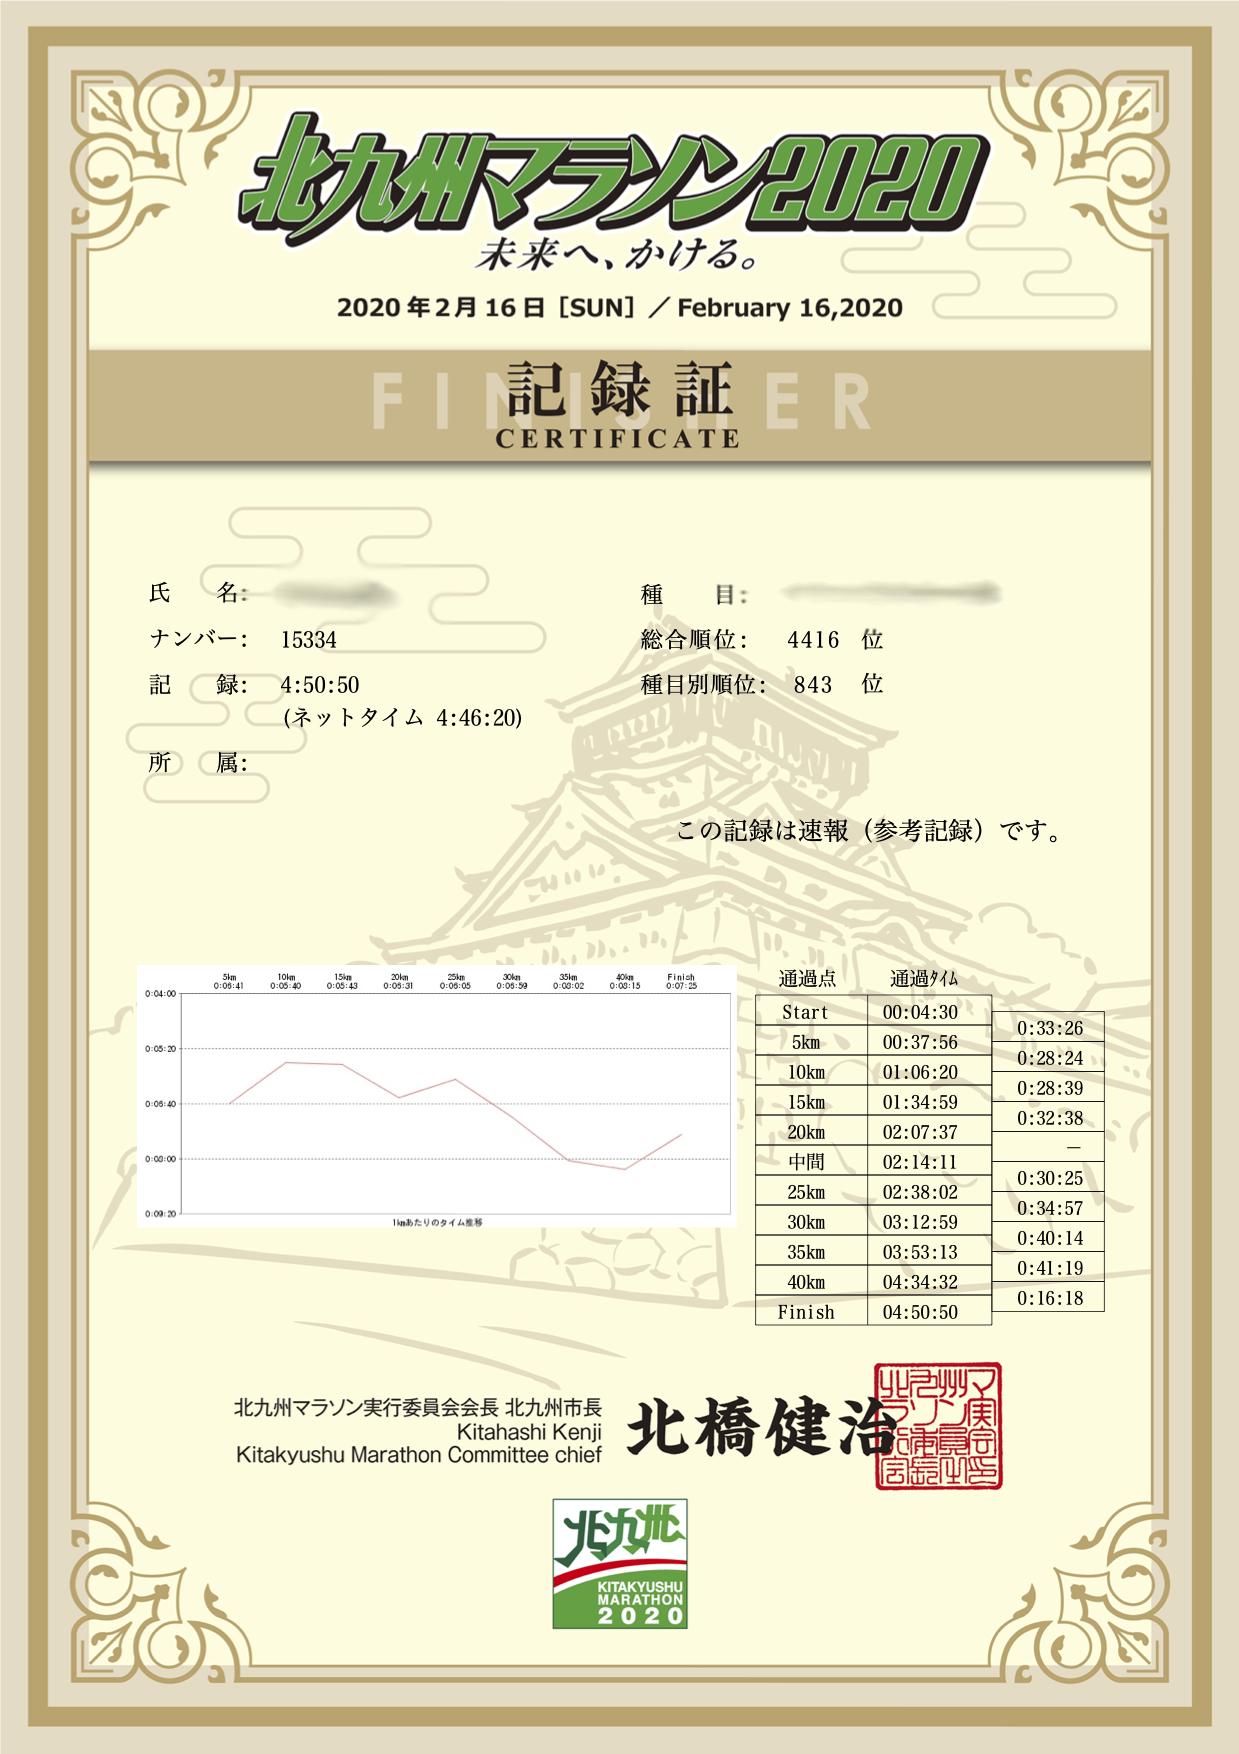 f:id:oceanic006:20200216214050p:plain